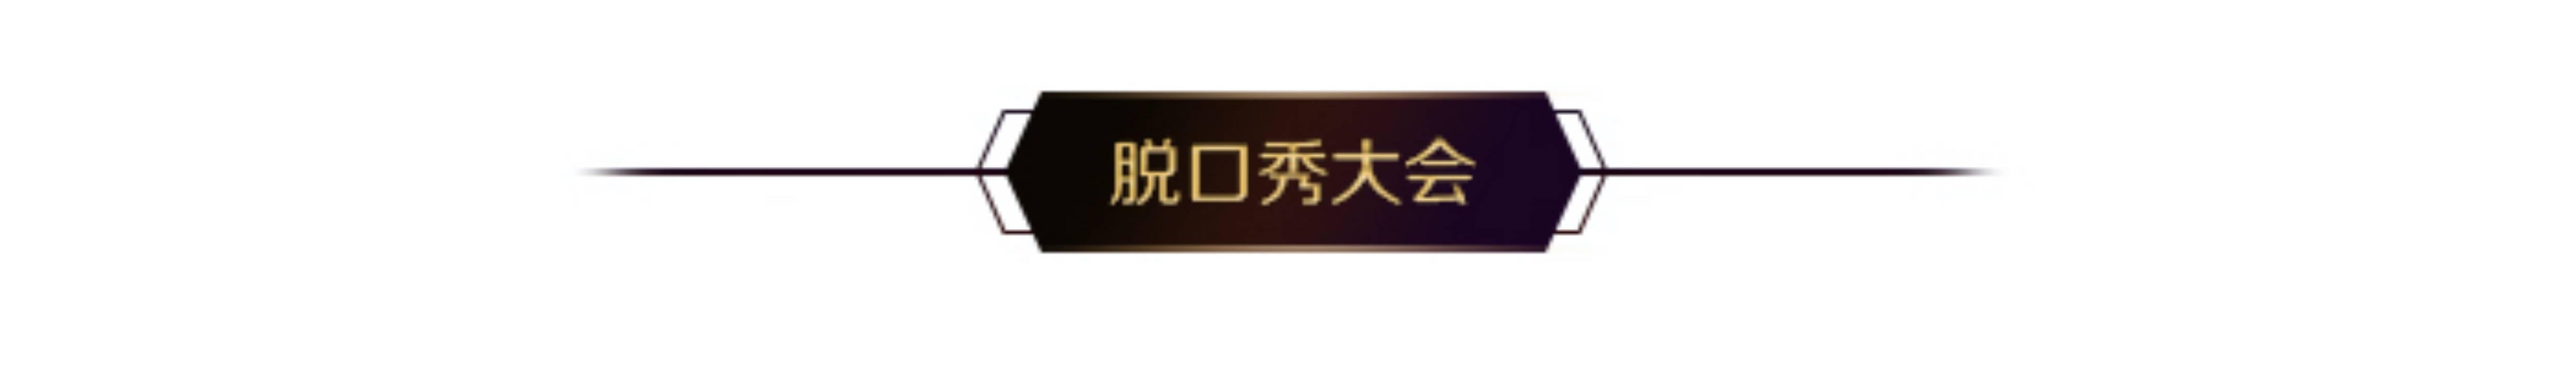 """中俄""""海上联合-2021""""联合军事演习大洋砺兵"""